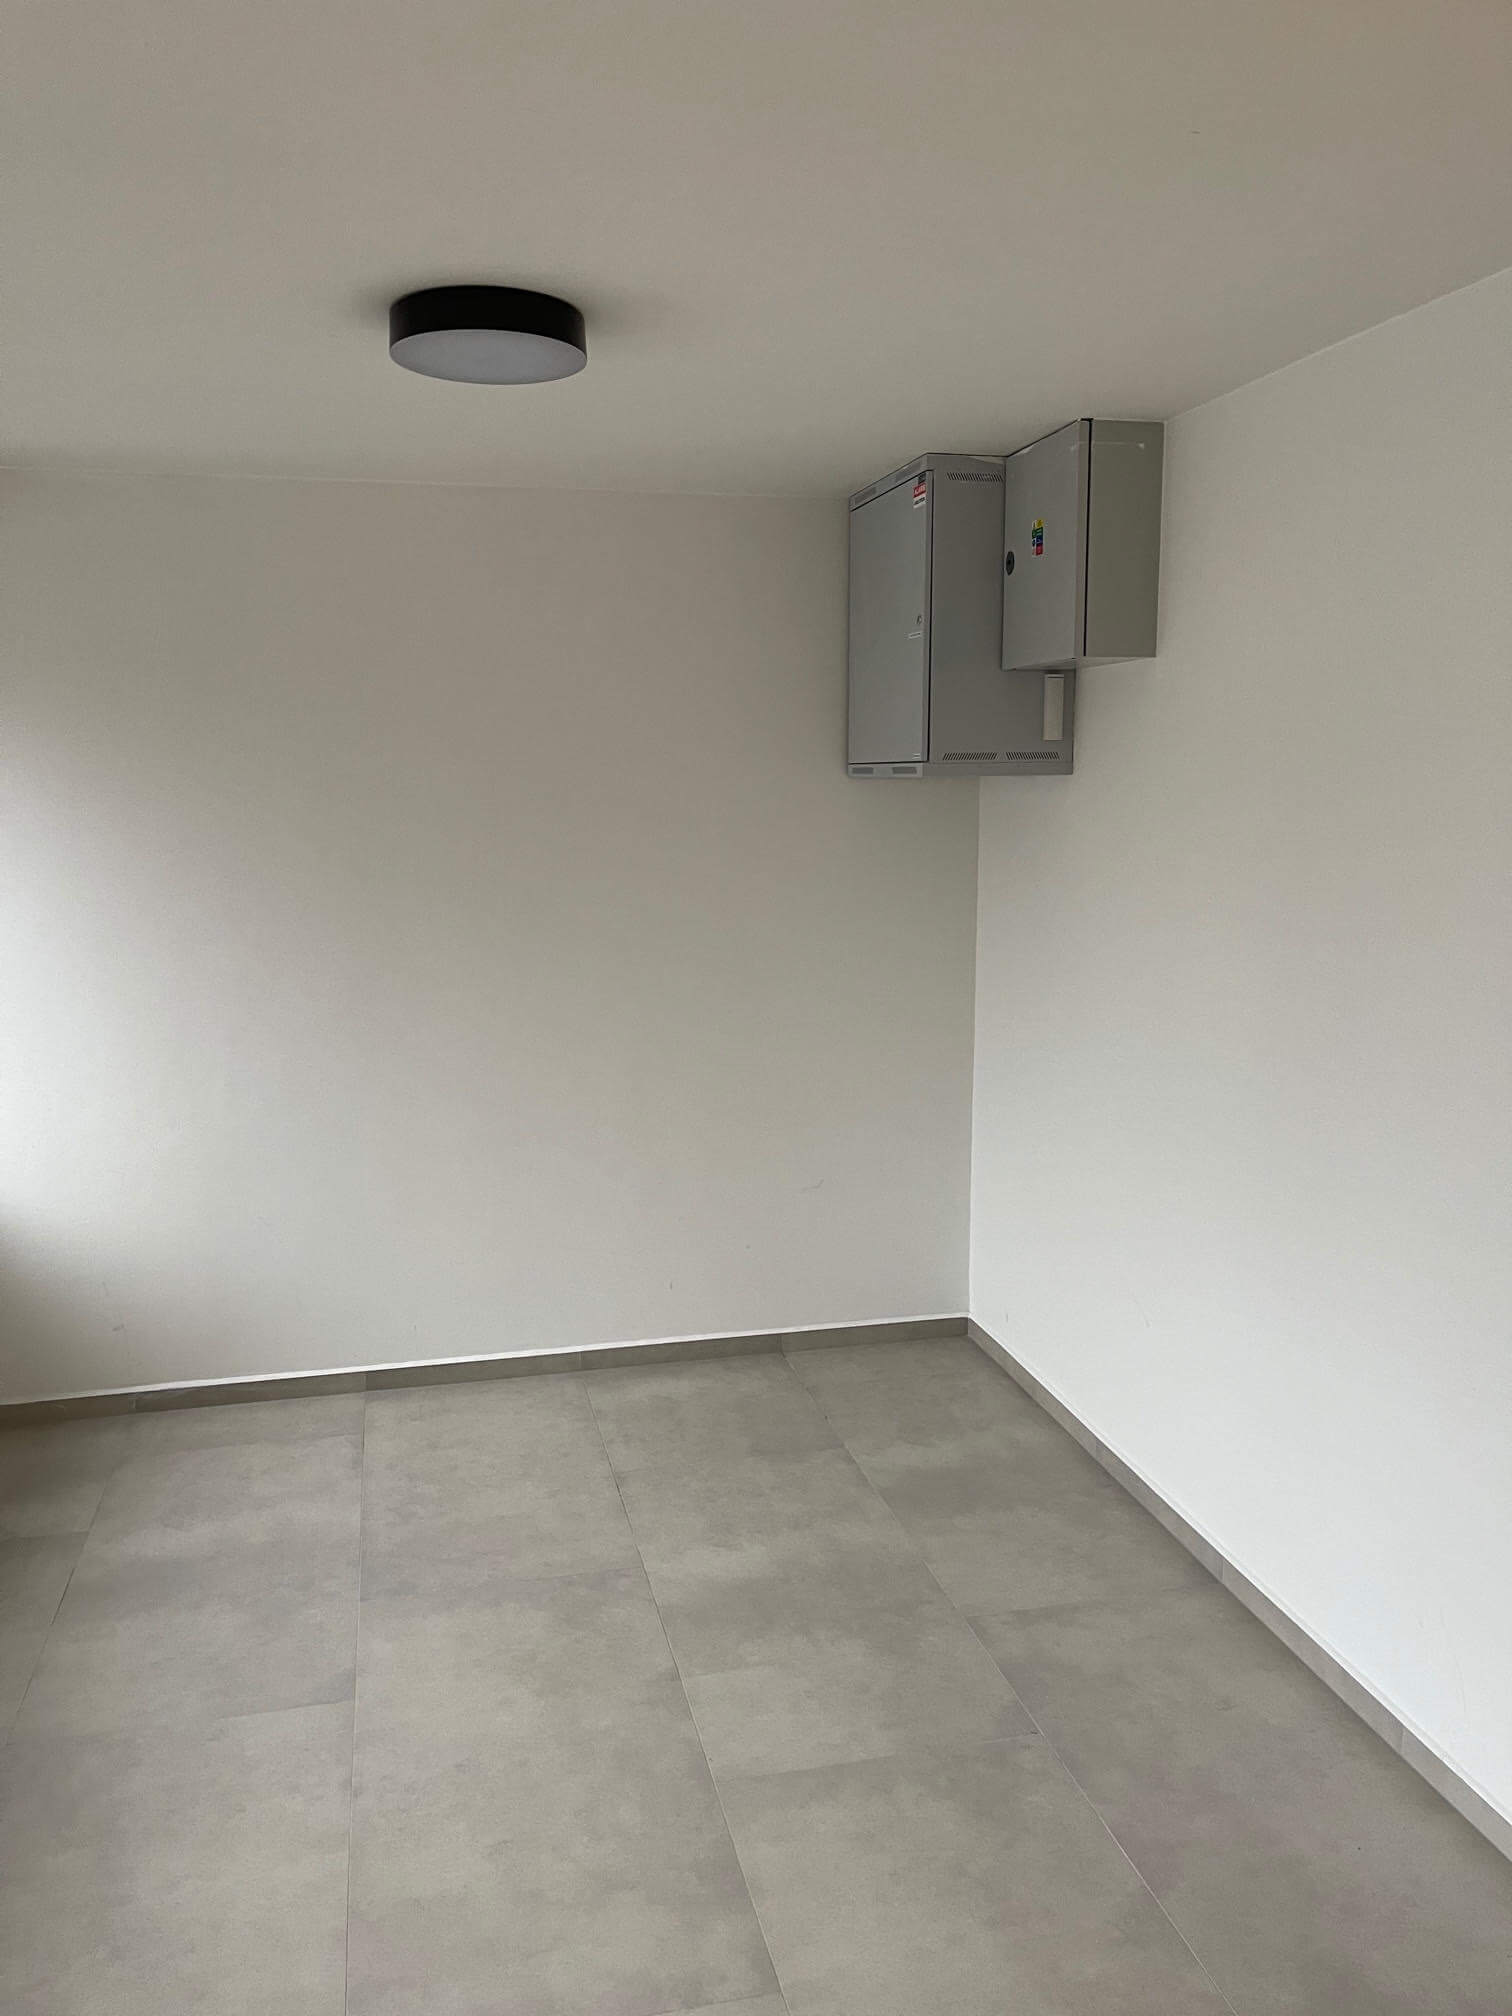 Na predaj novostavba, 2 izbový byt v Malackách, Kukučínová ulica,60m2, terasa 30m2, 2x parkovacie miesto-14